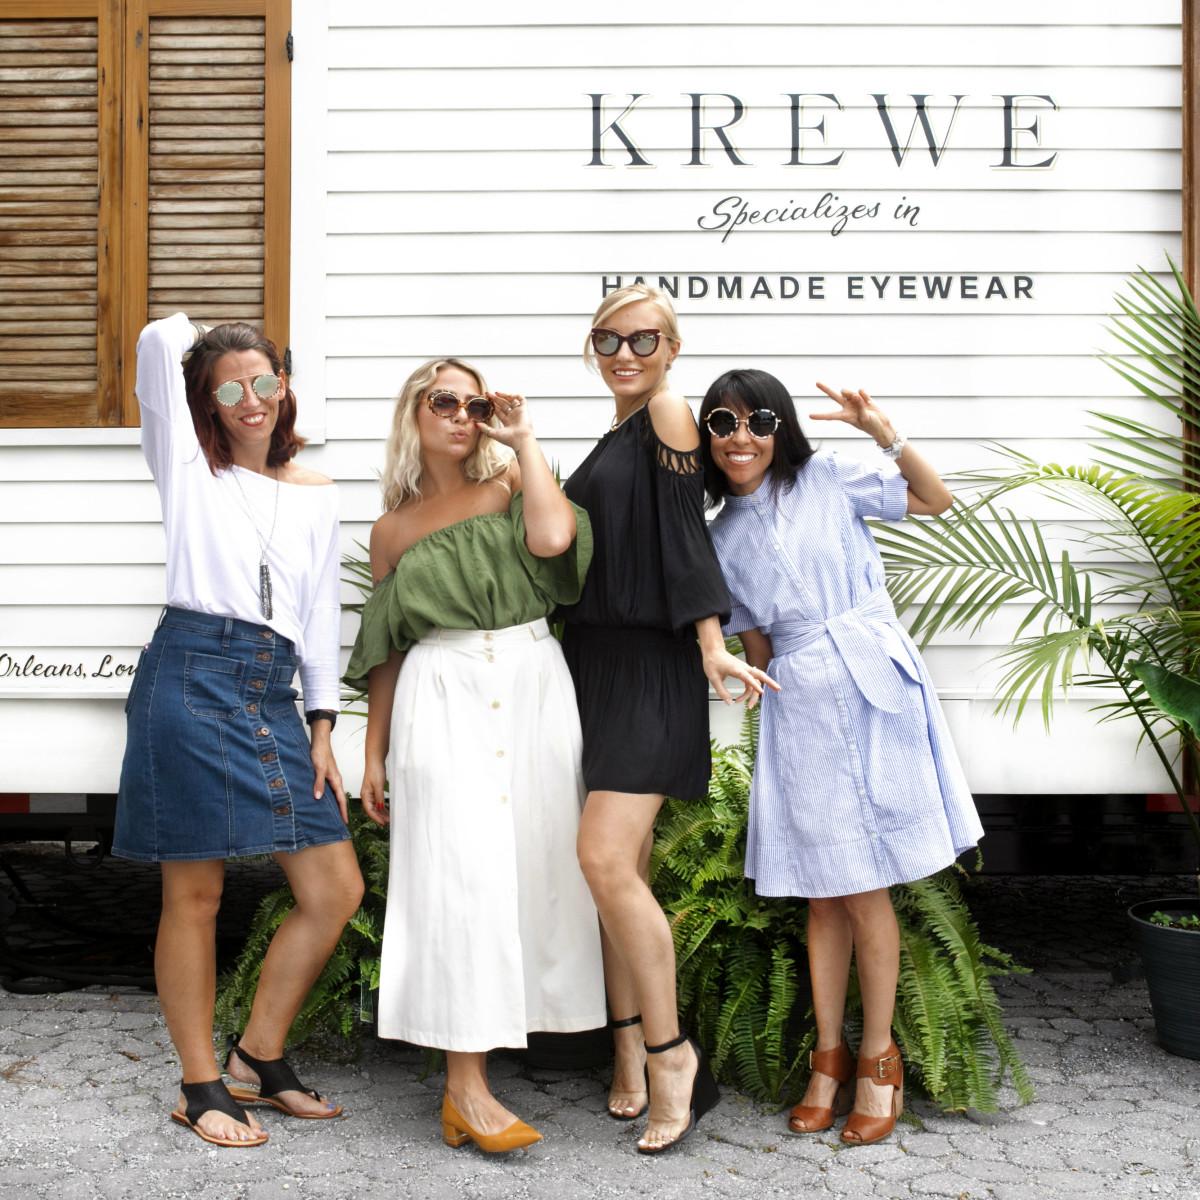 Krewe eyewear models in sunglasses